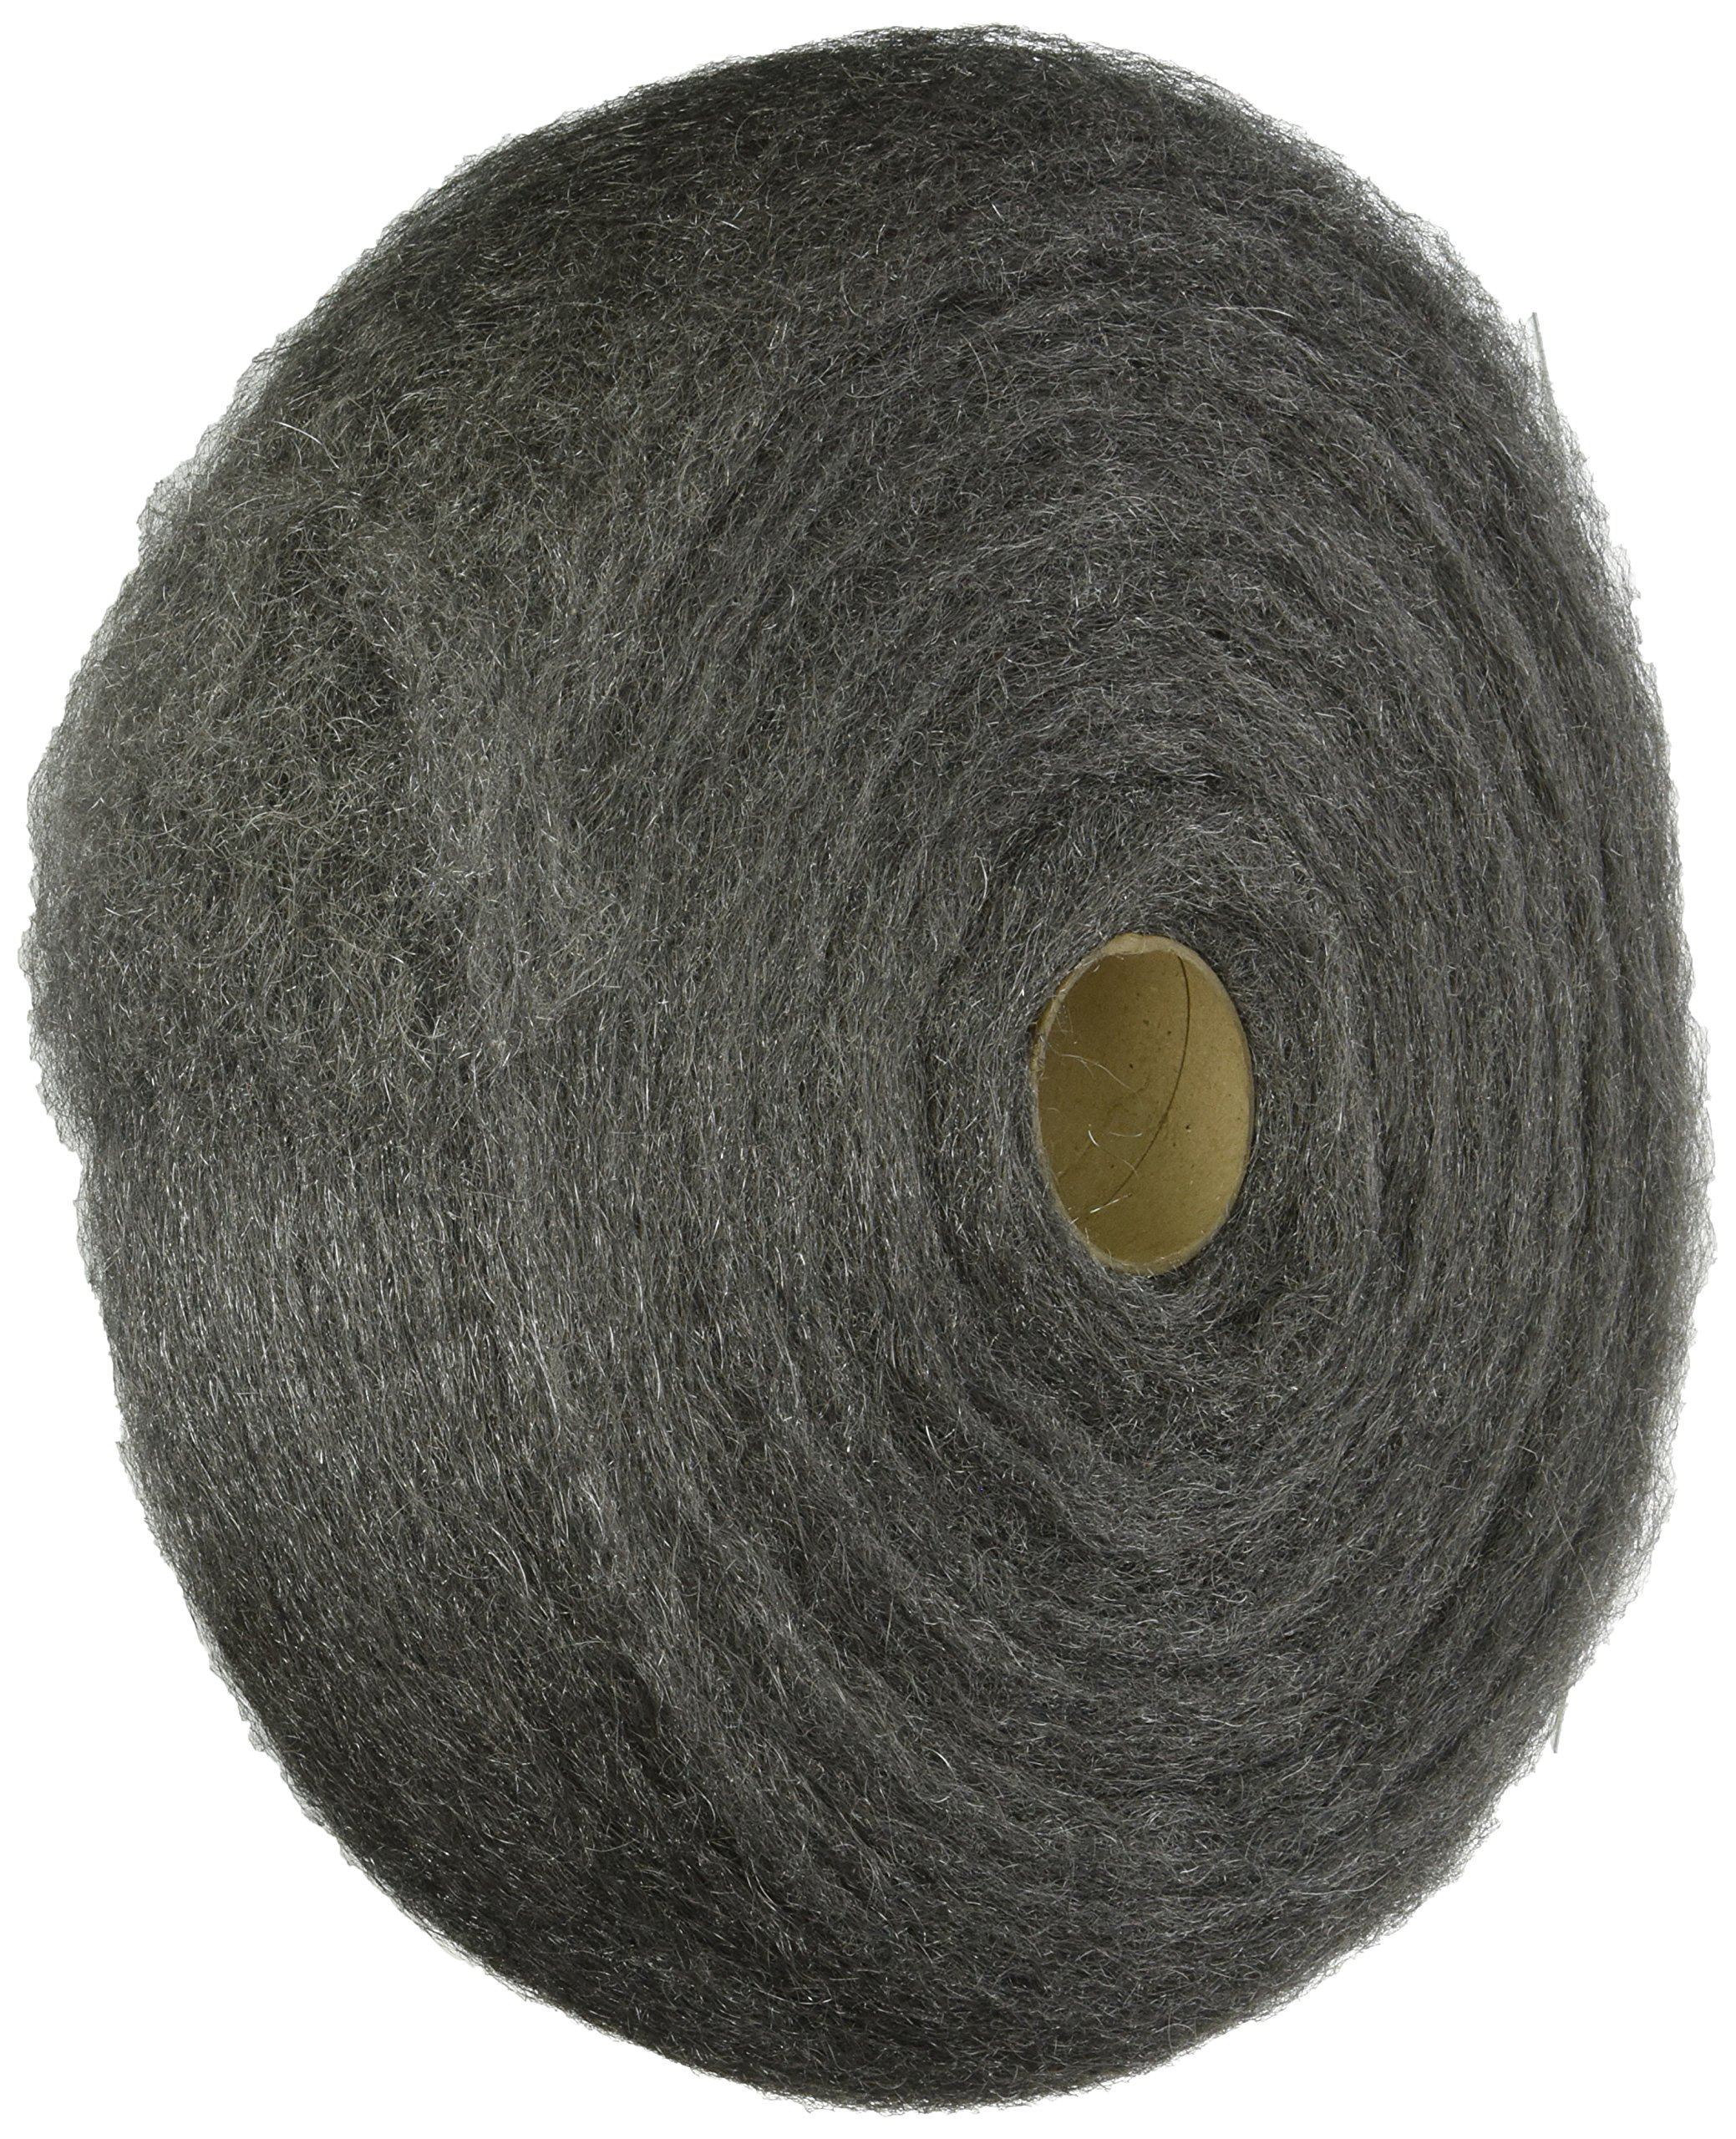 Rhodes American 19724 5 lb Grade 2 Steel Wool Reel